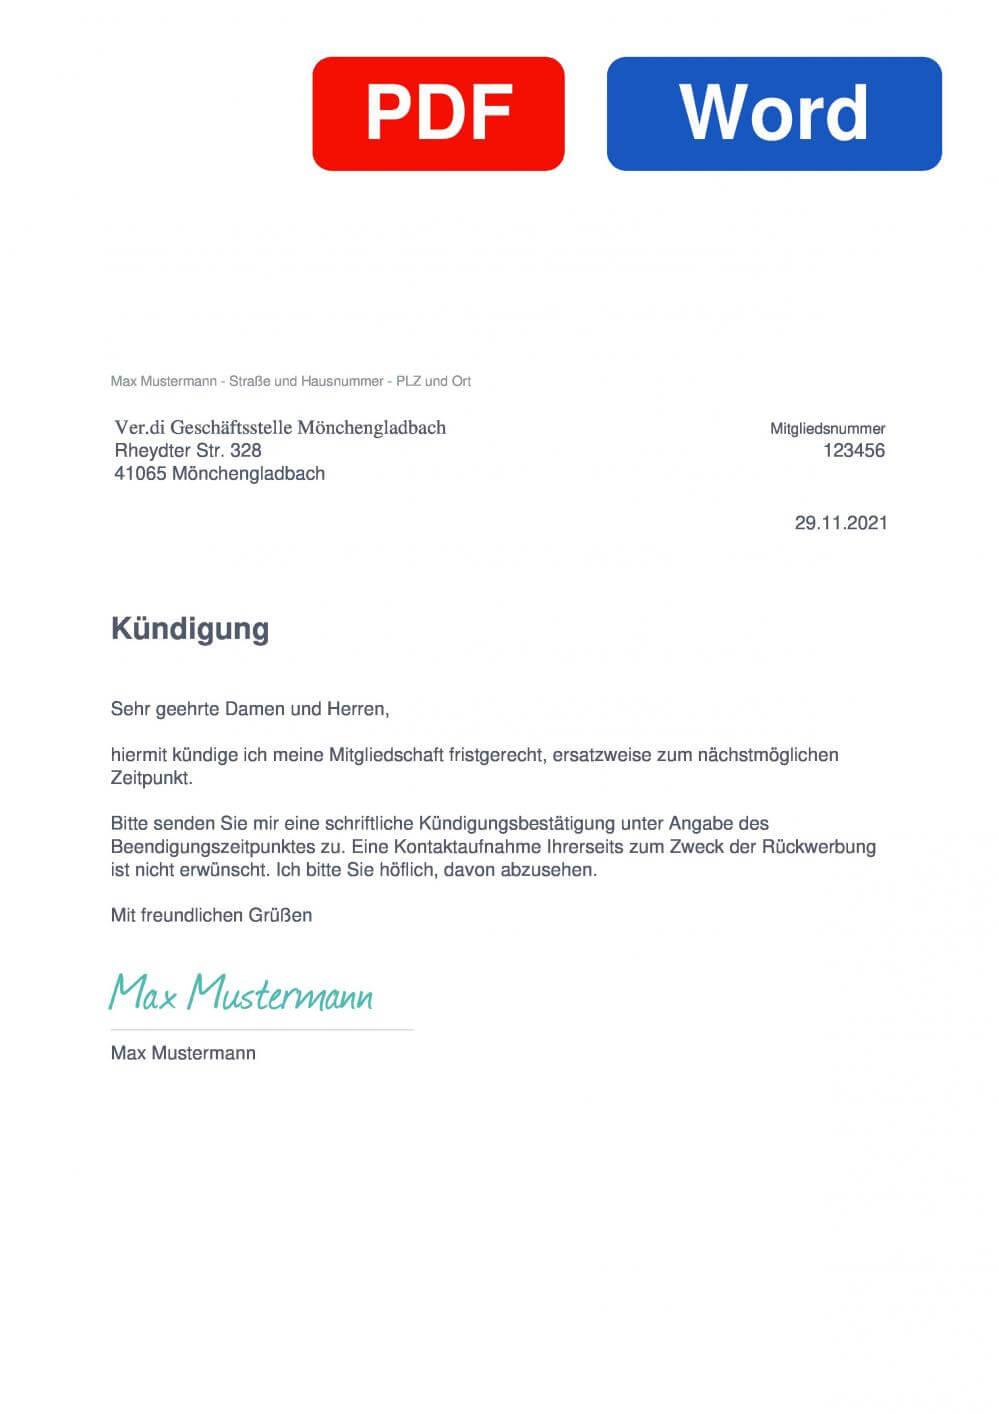 Verdi Mönchengladbach Muster Vorlage für Kündigungsschreiben